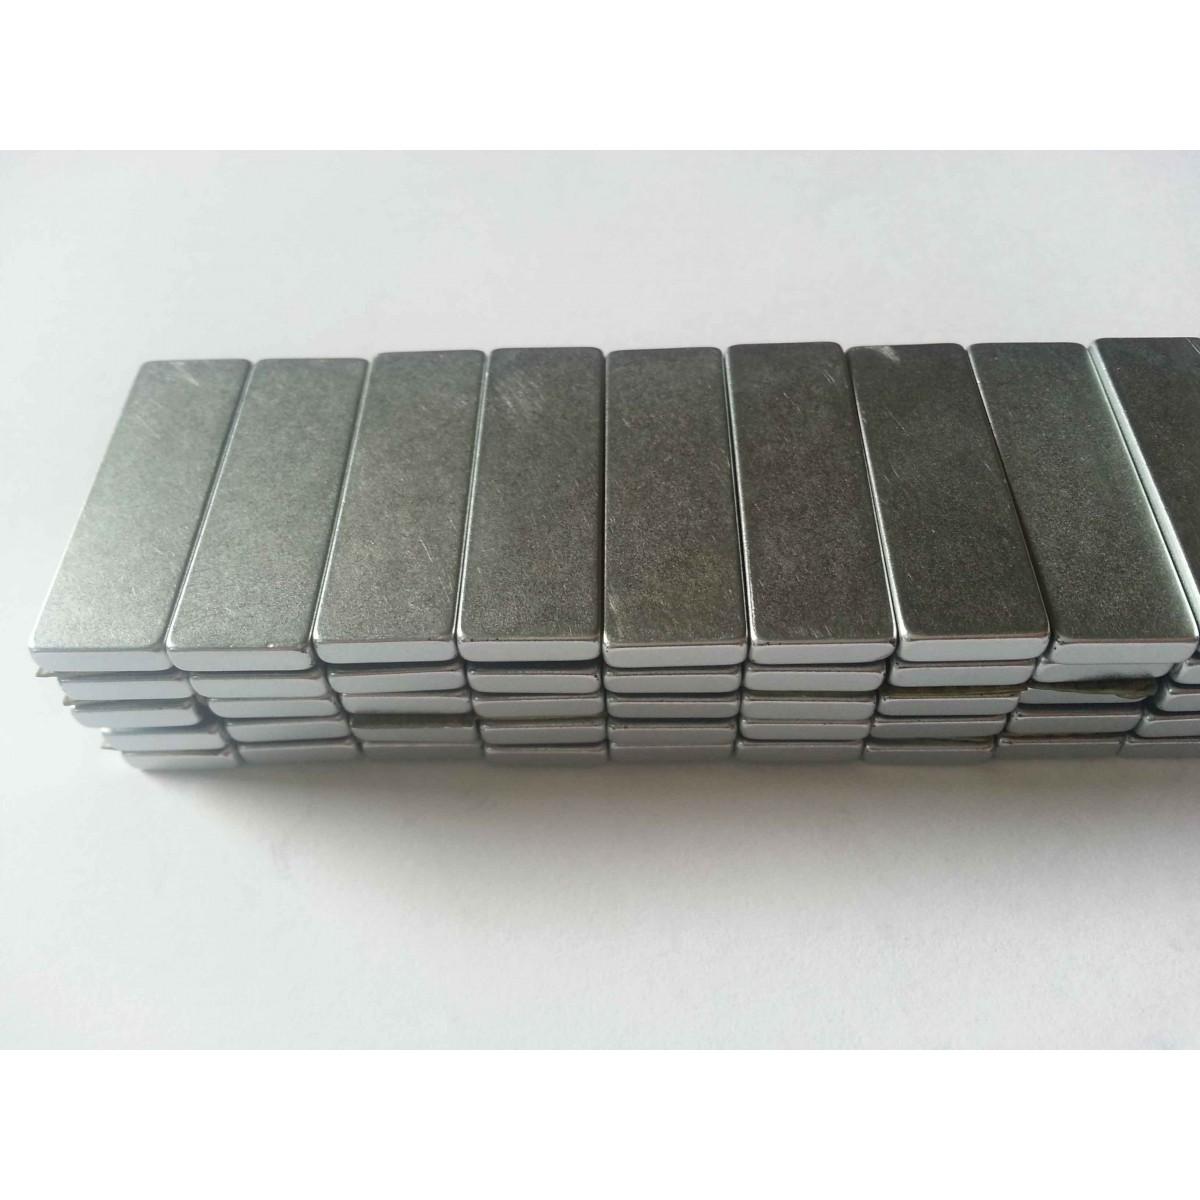 Imã De Neodímio / Super Forte / 30mm X 10mm X 3mm * 5 Peças